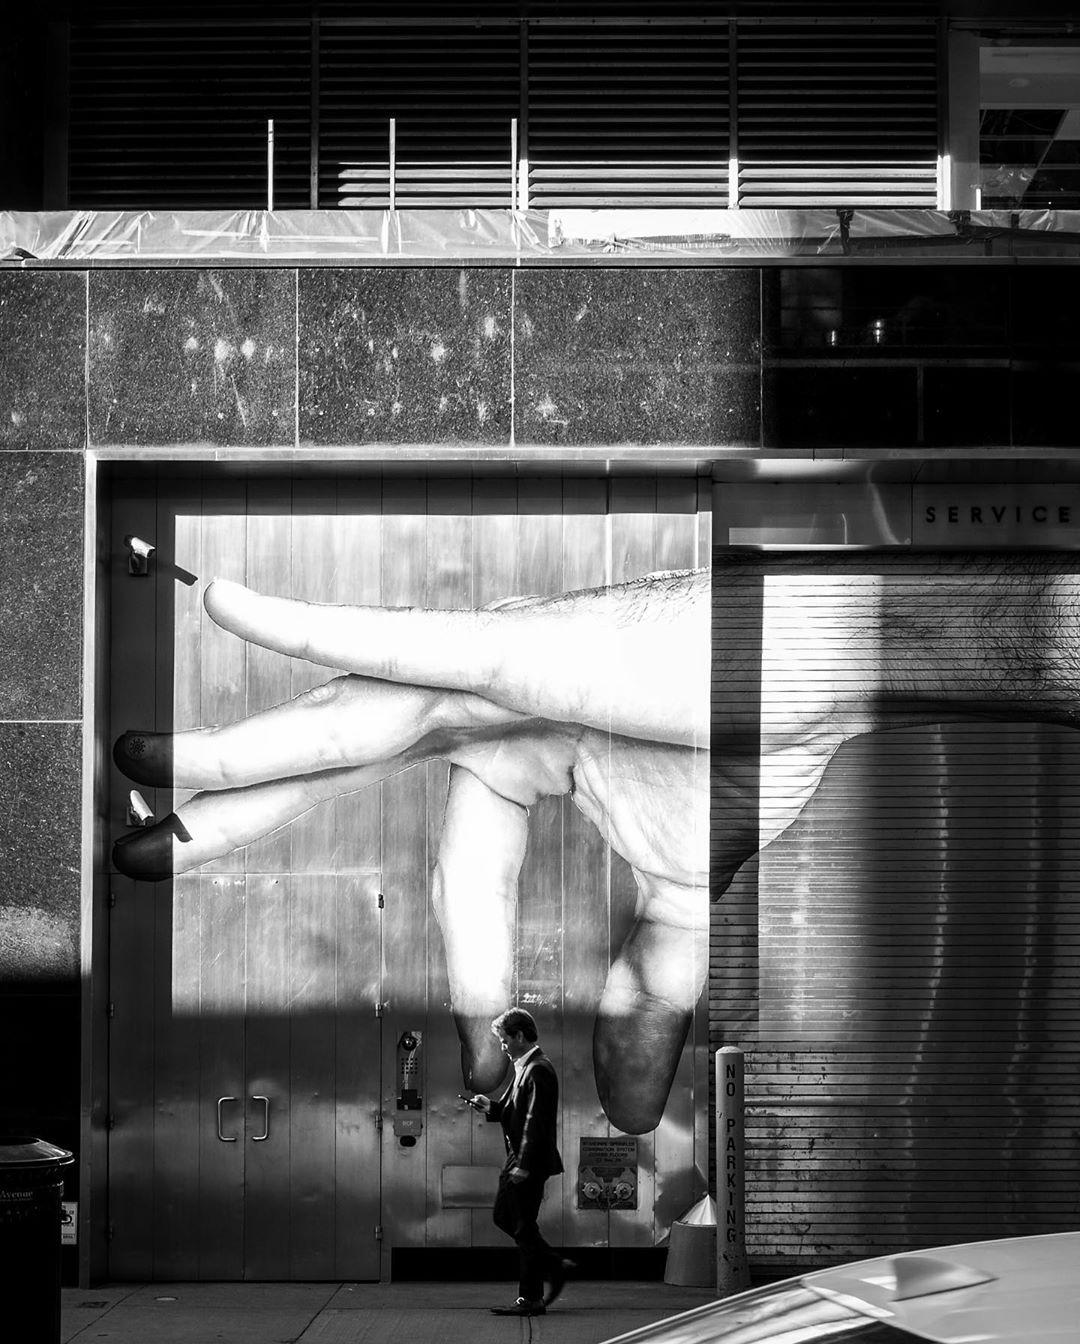 Урбанистические снимки Рамона Брито города,каменные джунгли,тревел-фото